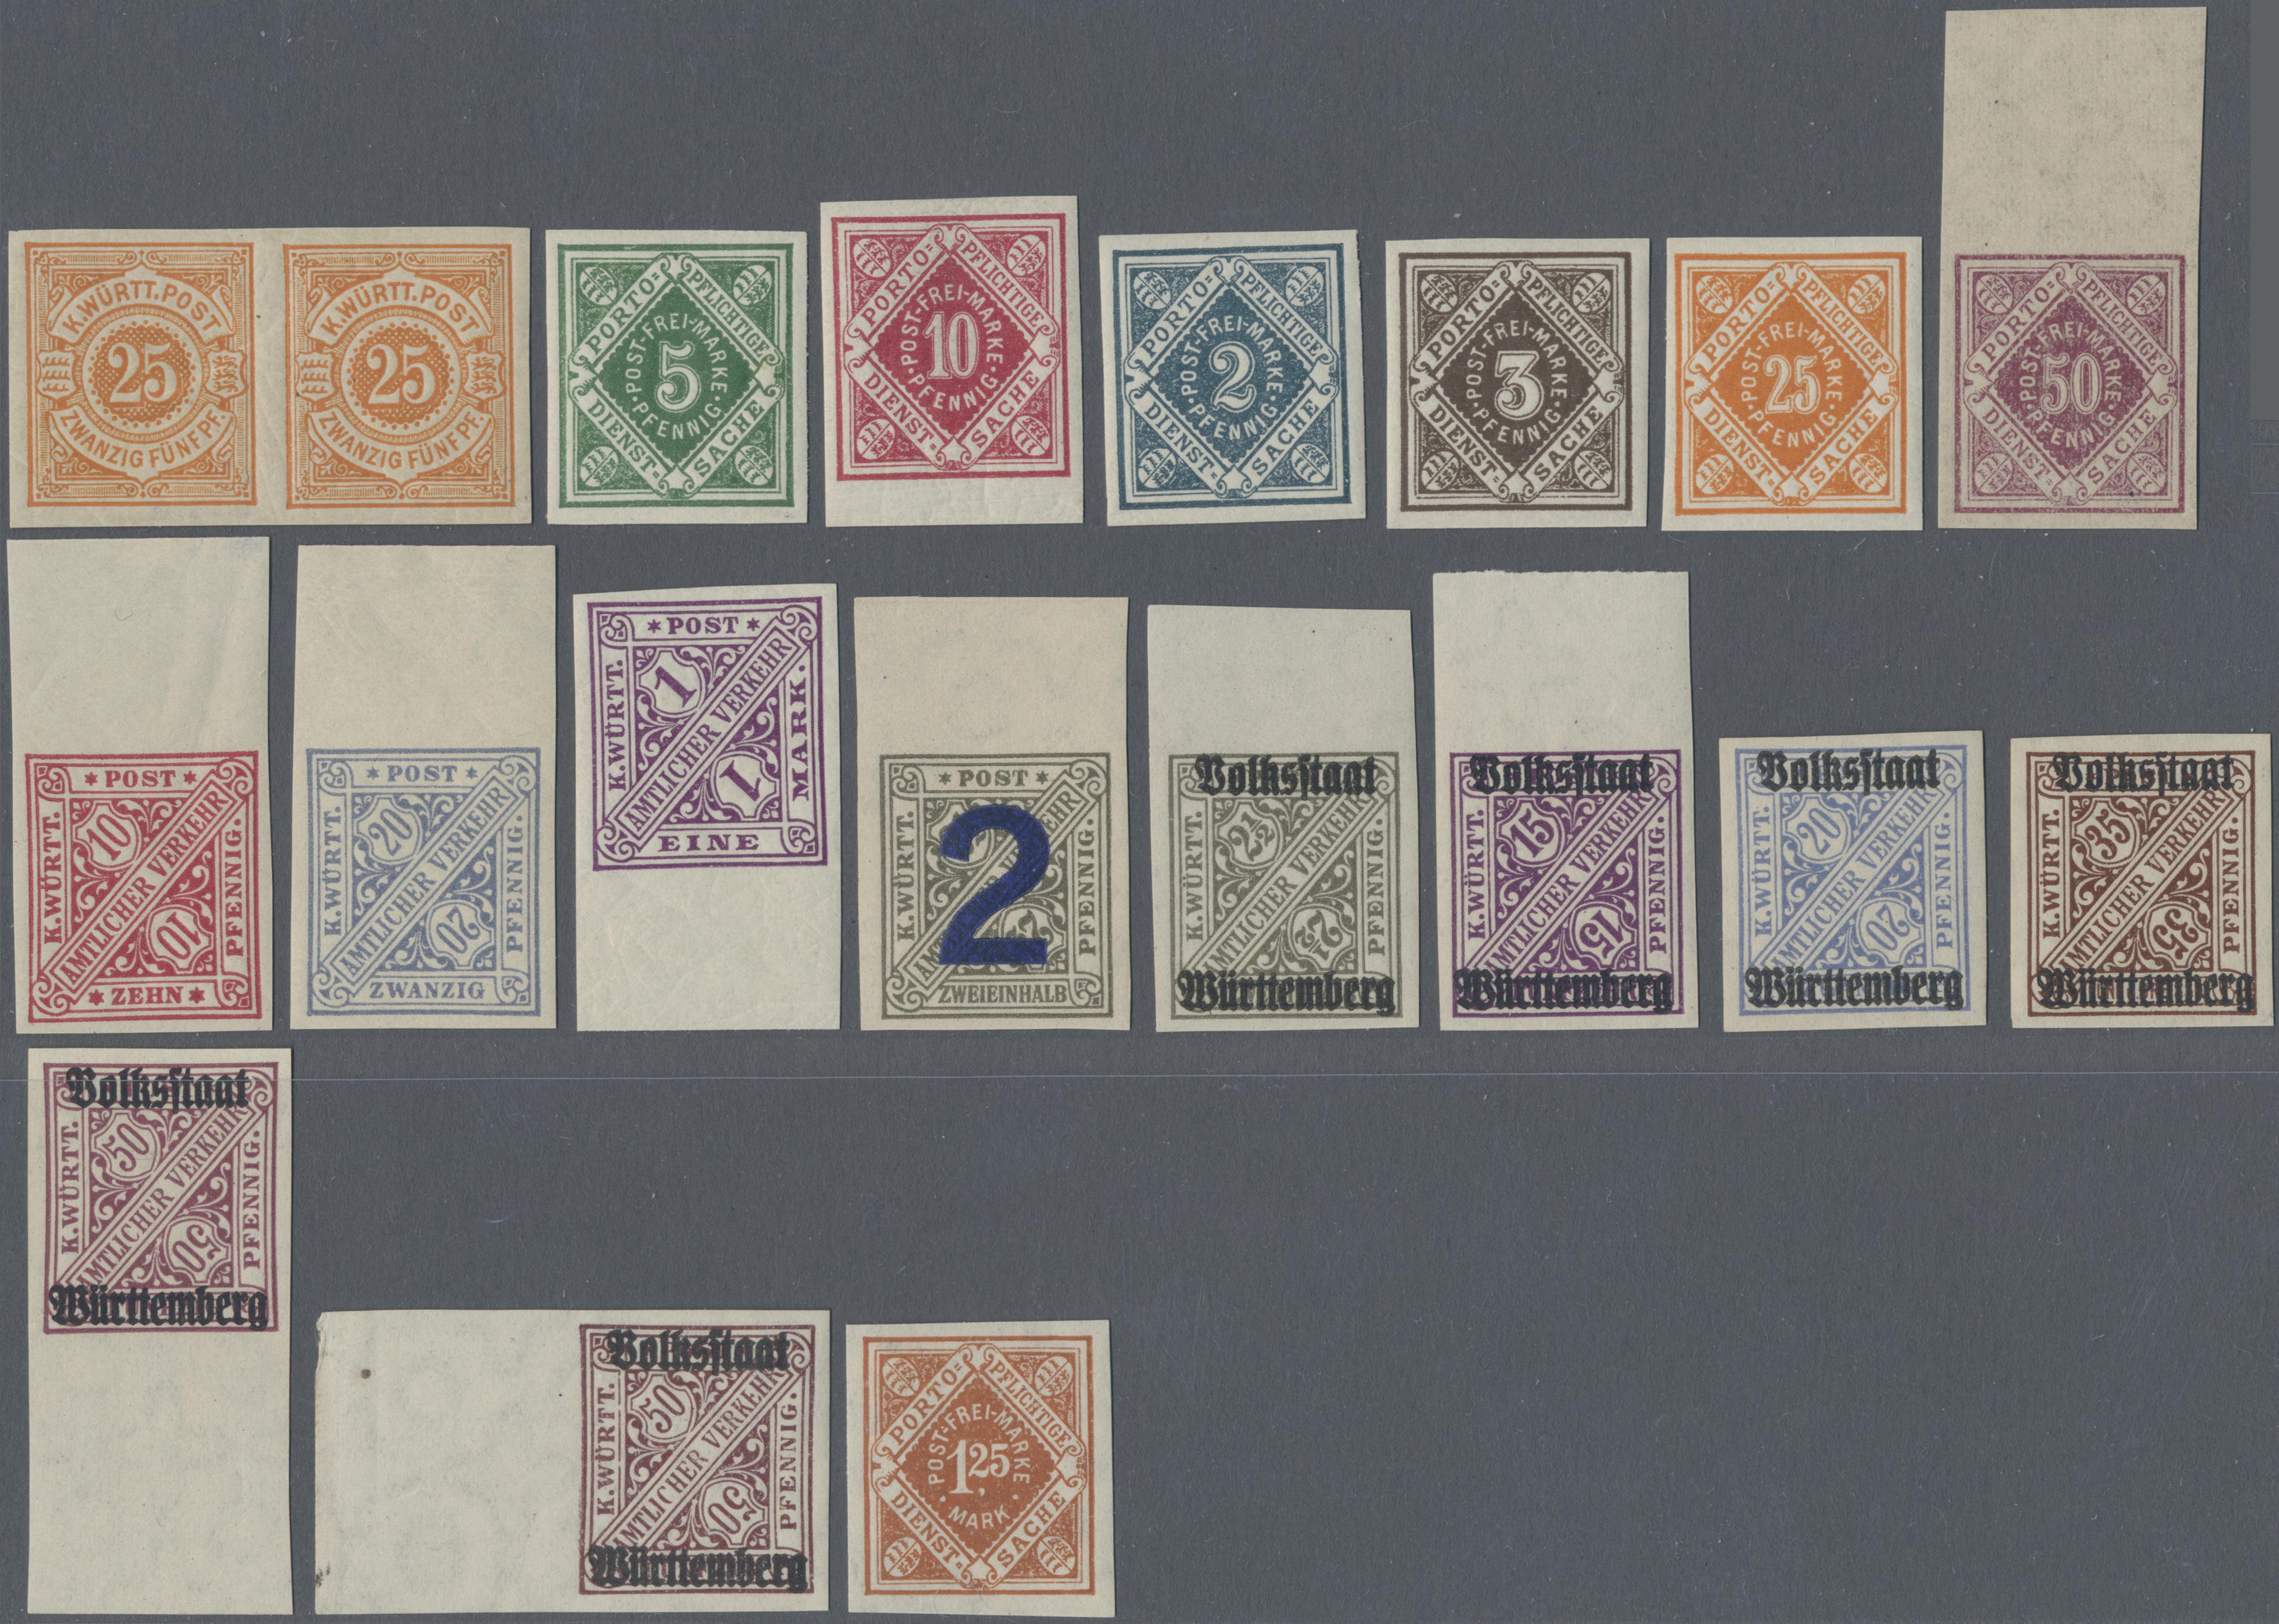 Lot 22992 - Württemberg - Marken und Briefe  -  Auktionshaus Christoph Gärtner GmbH & Co. KG 50th Auction Anniversary Auction - Day 7